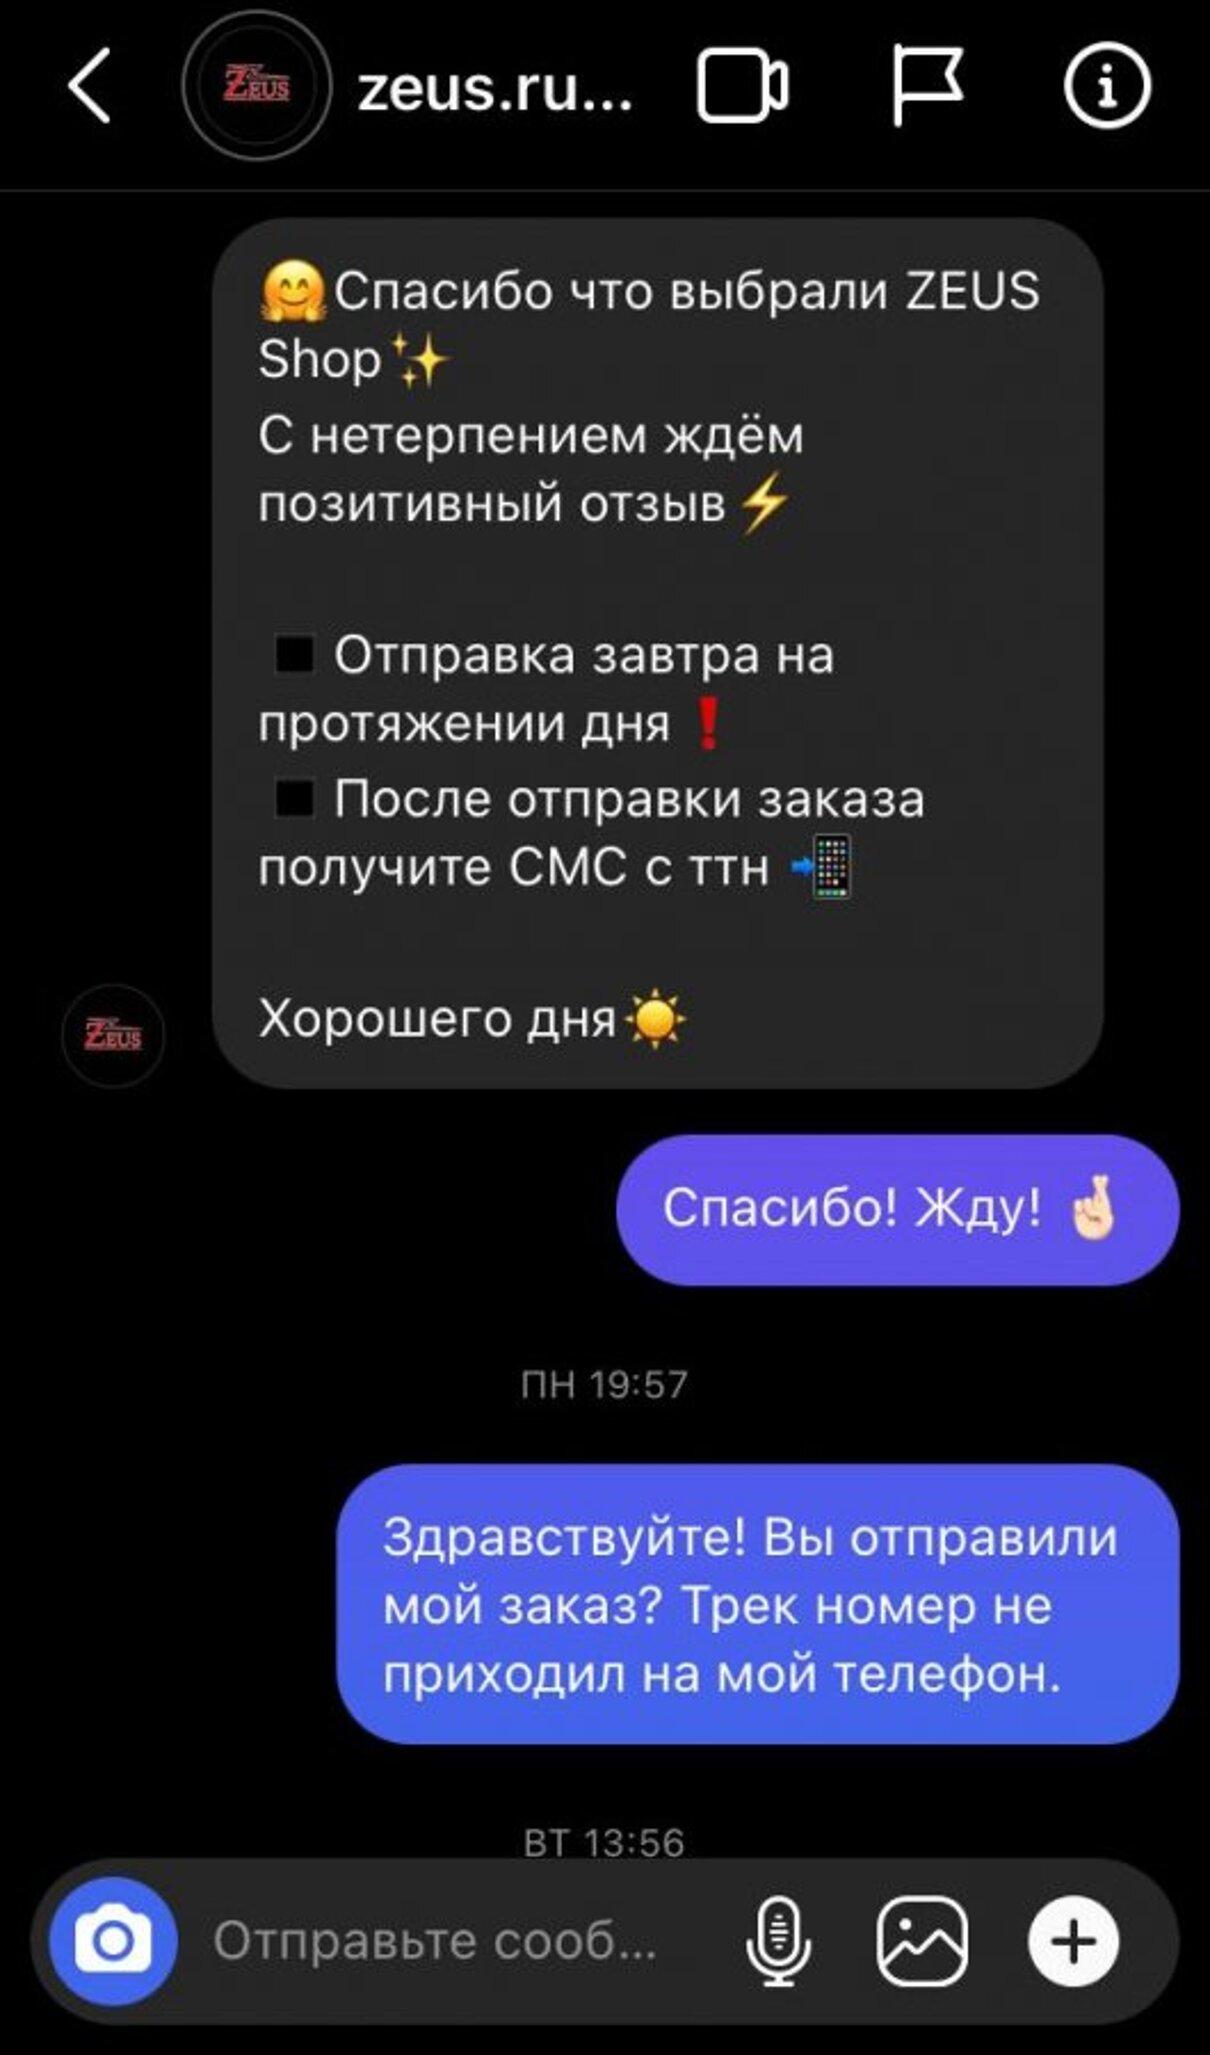 Жалоба-отзыв: Zeus.russia.shop - Мошенники.  Фото №4